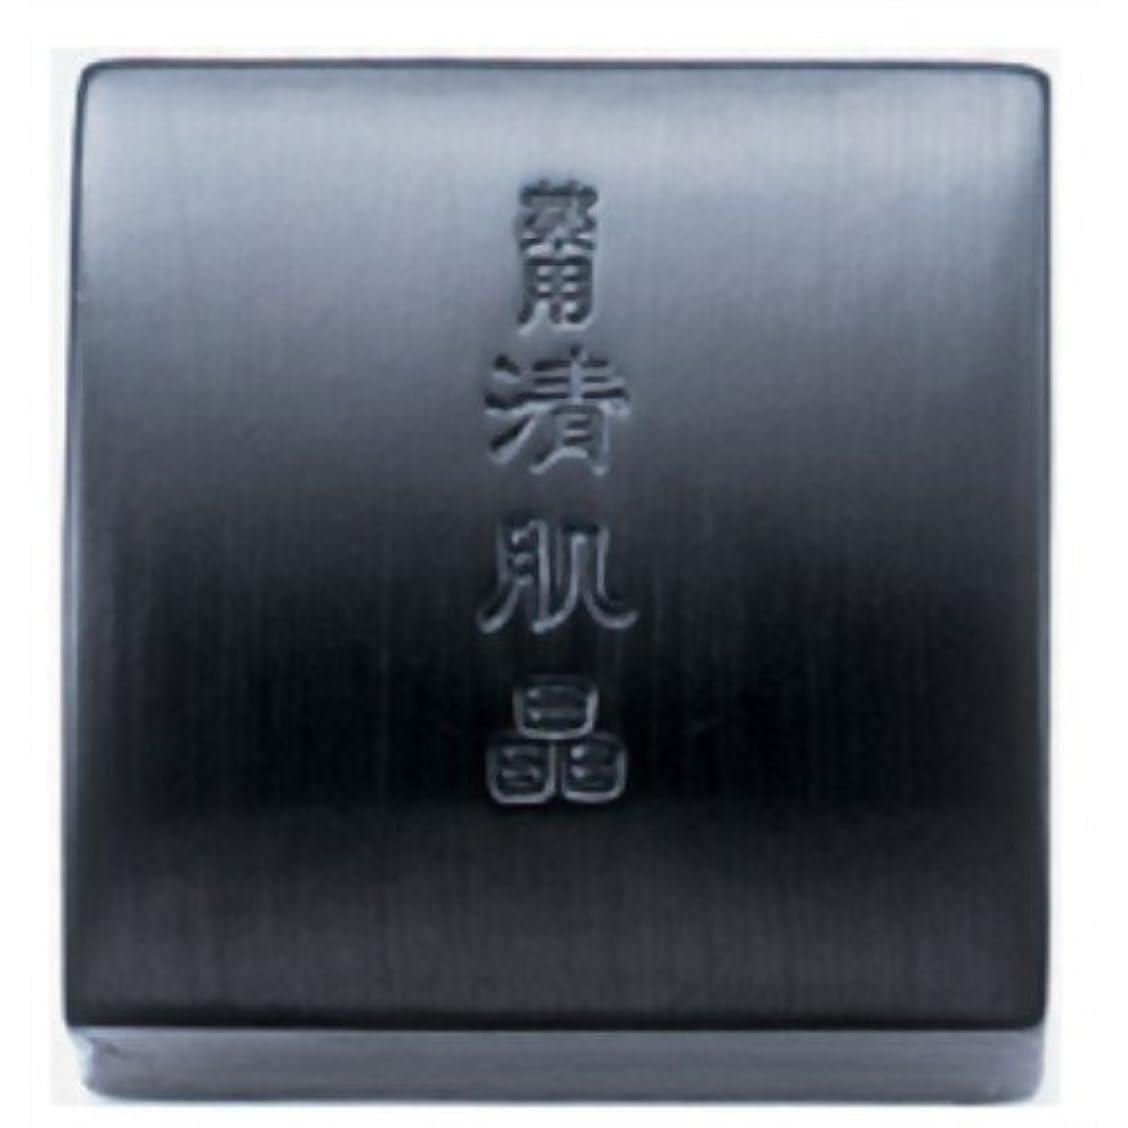 闇目的家禽コーセー 薬用 清肌晶 120g